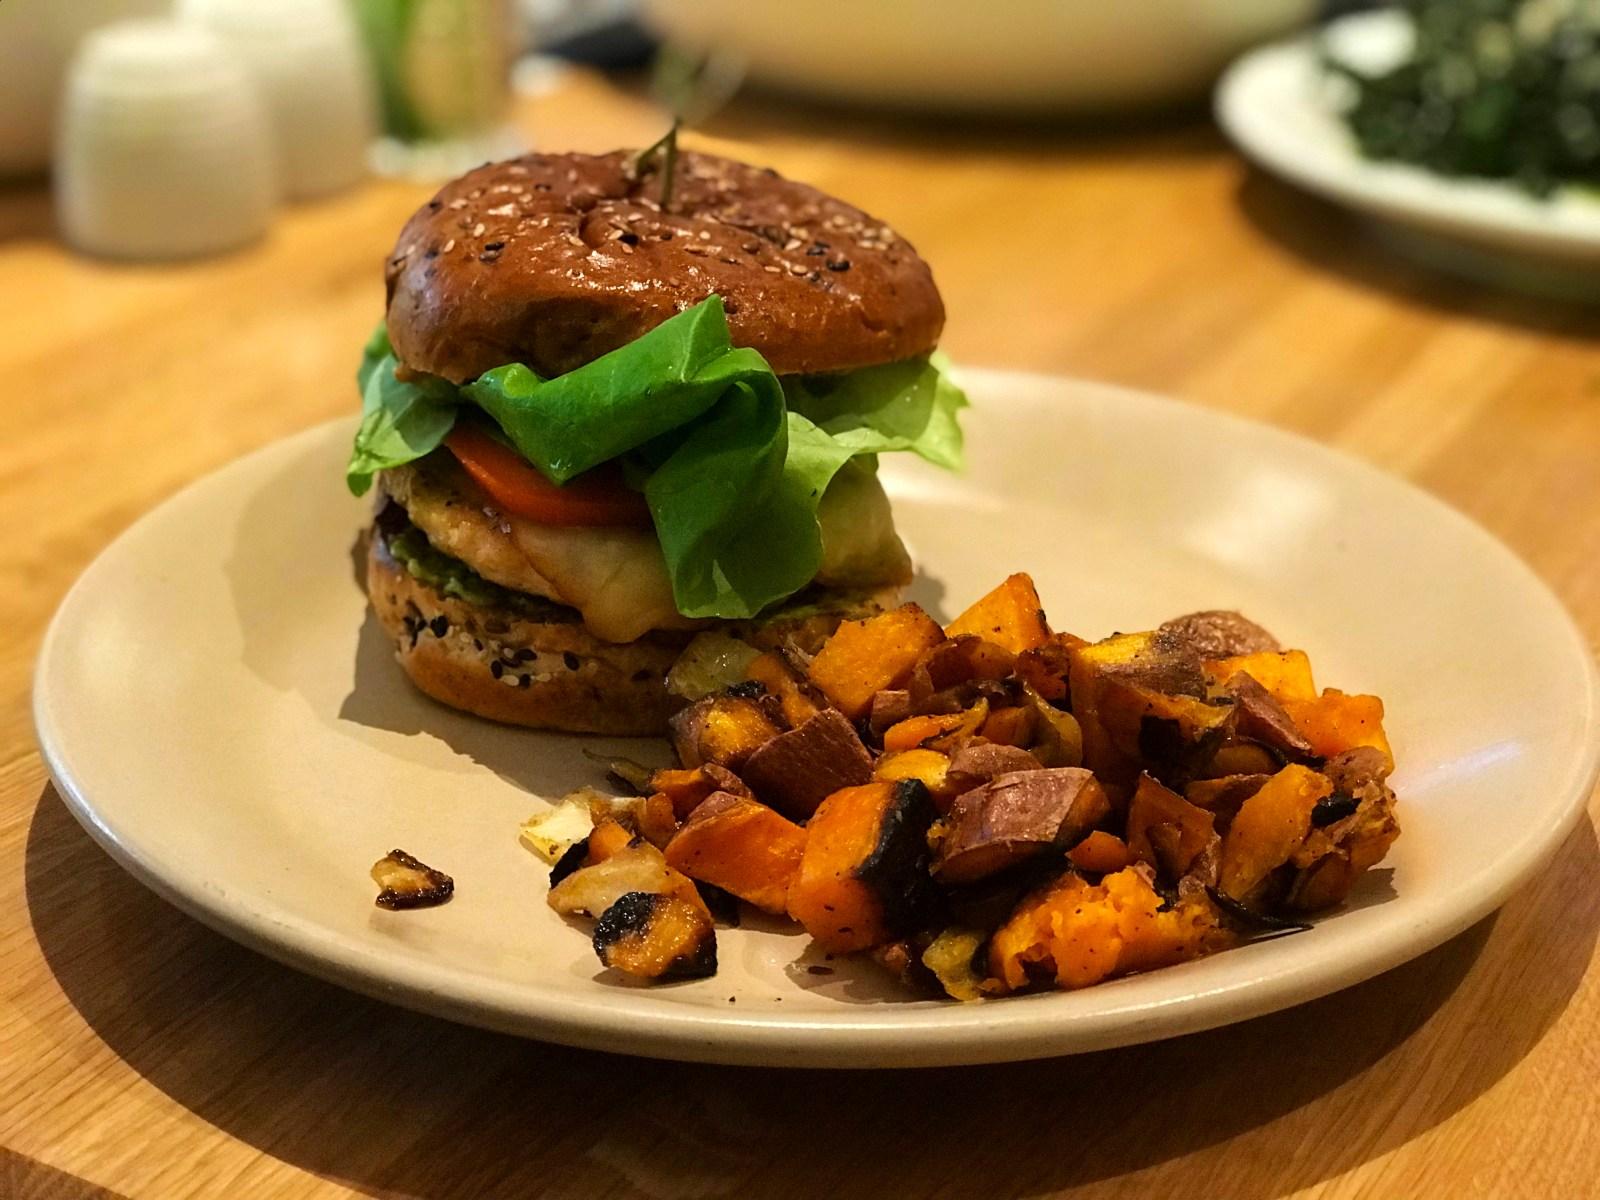 Chicago Apartments, True Food Kitchen, Turkey Burger